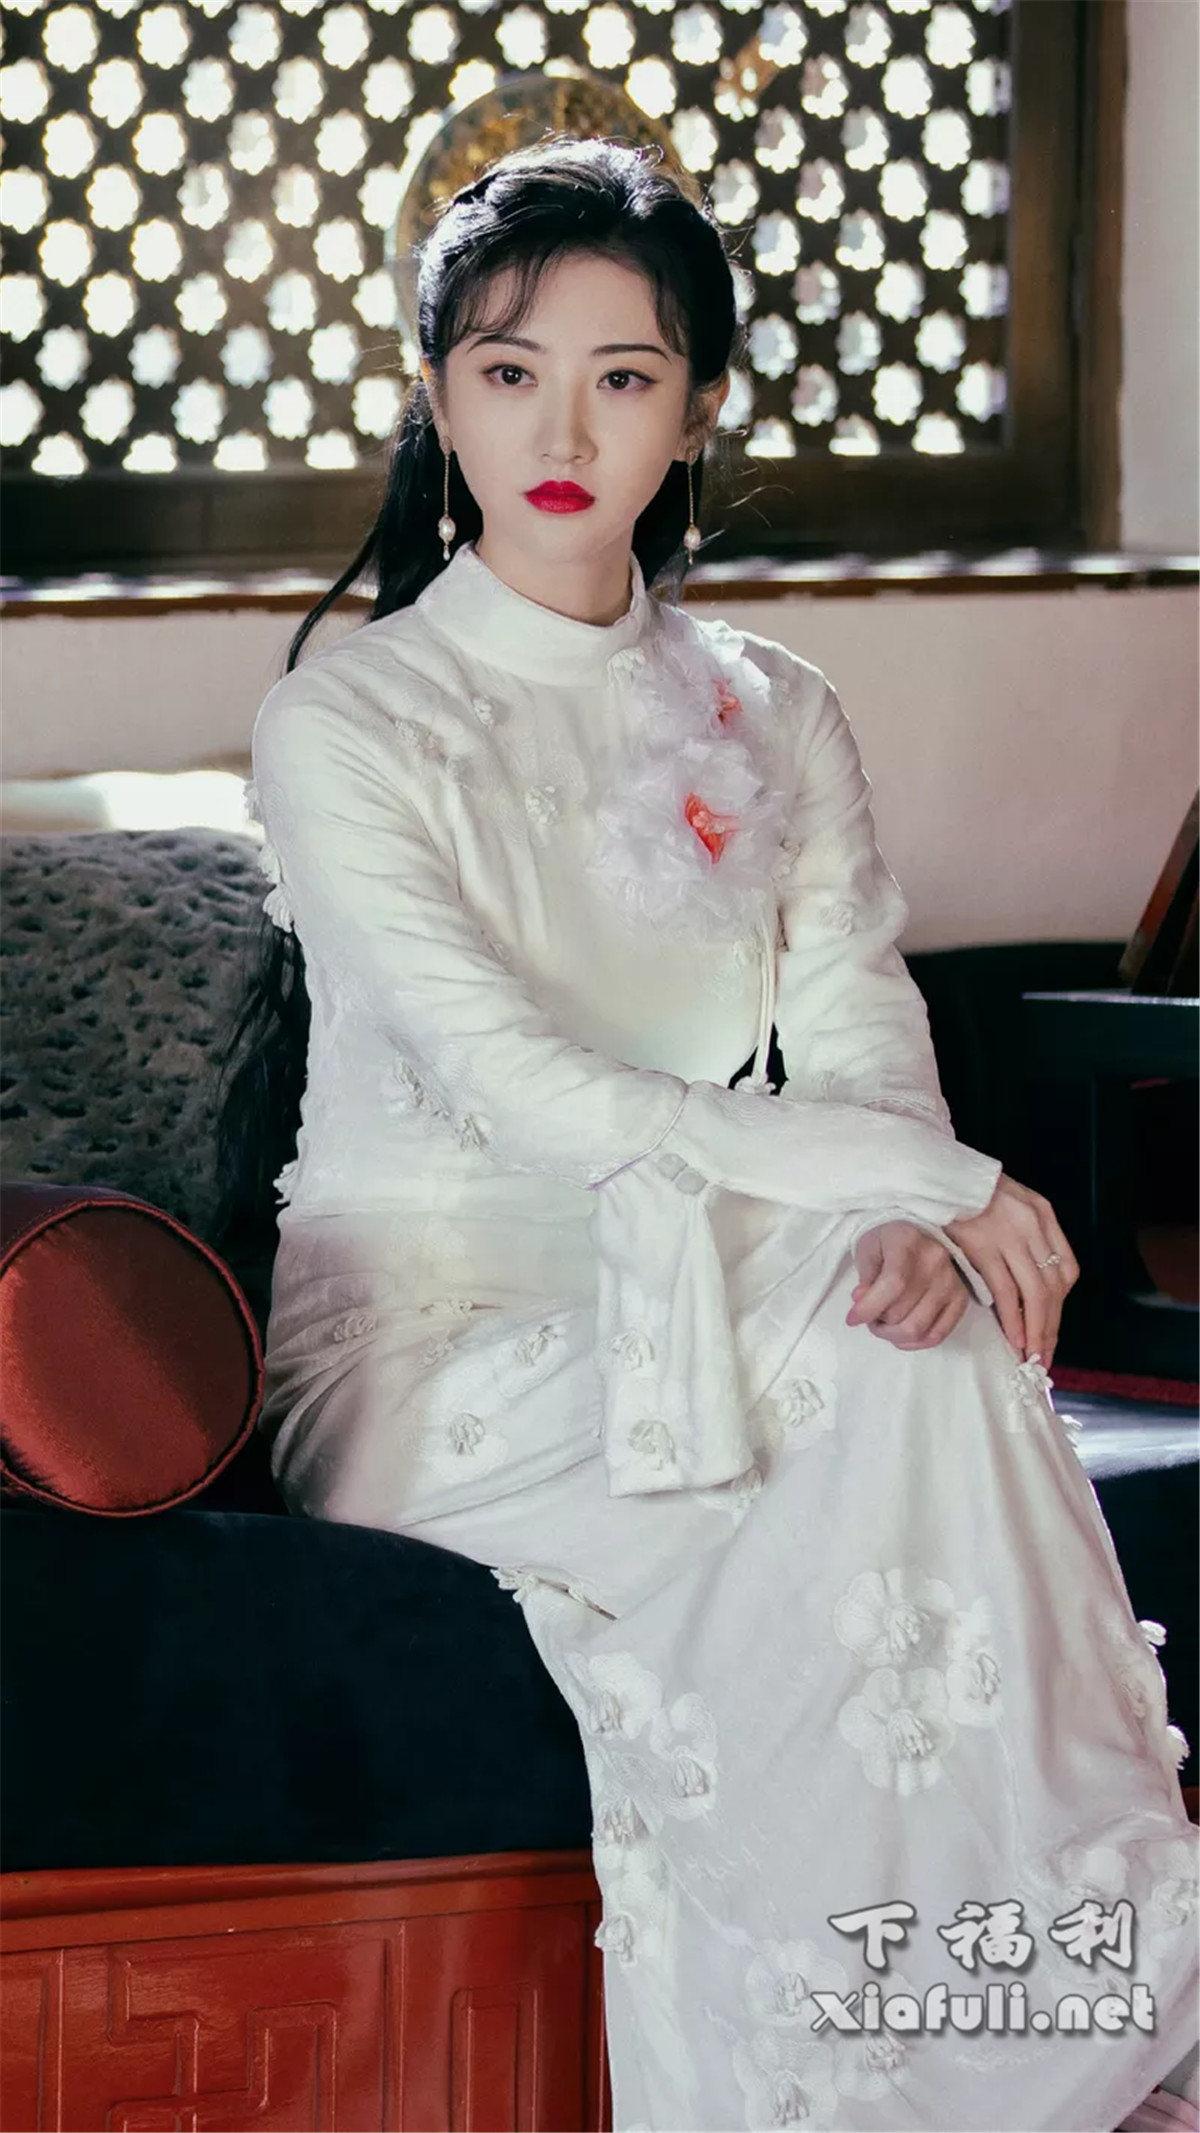 当娱乐圈女星穿上旗袍,你觉得谁最好看 ?插图4